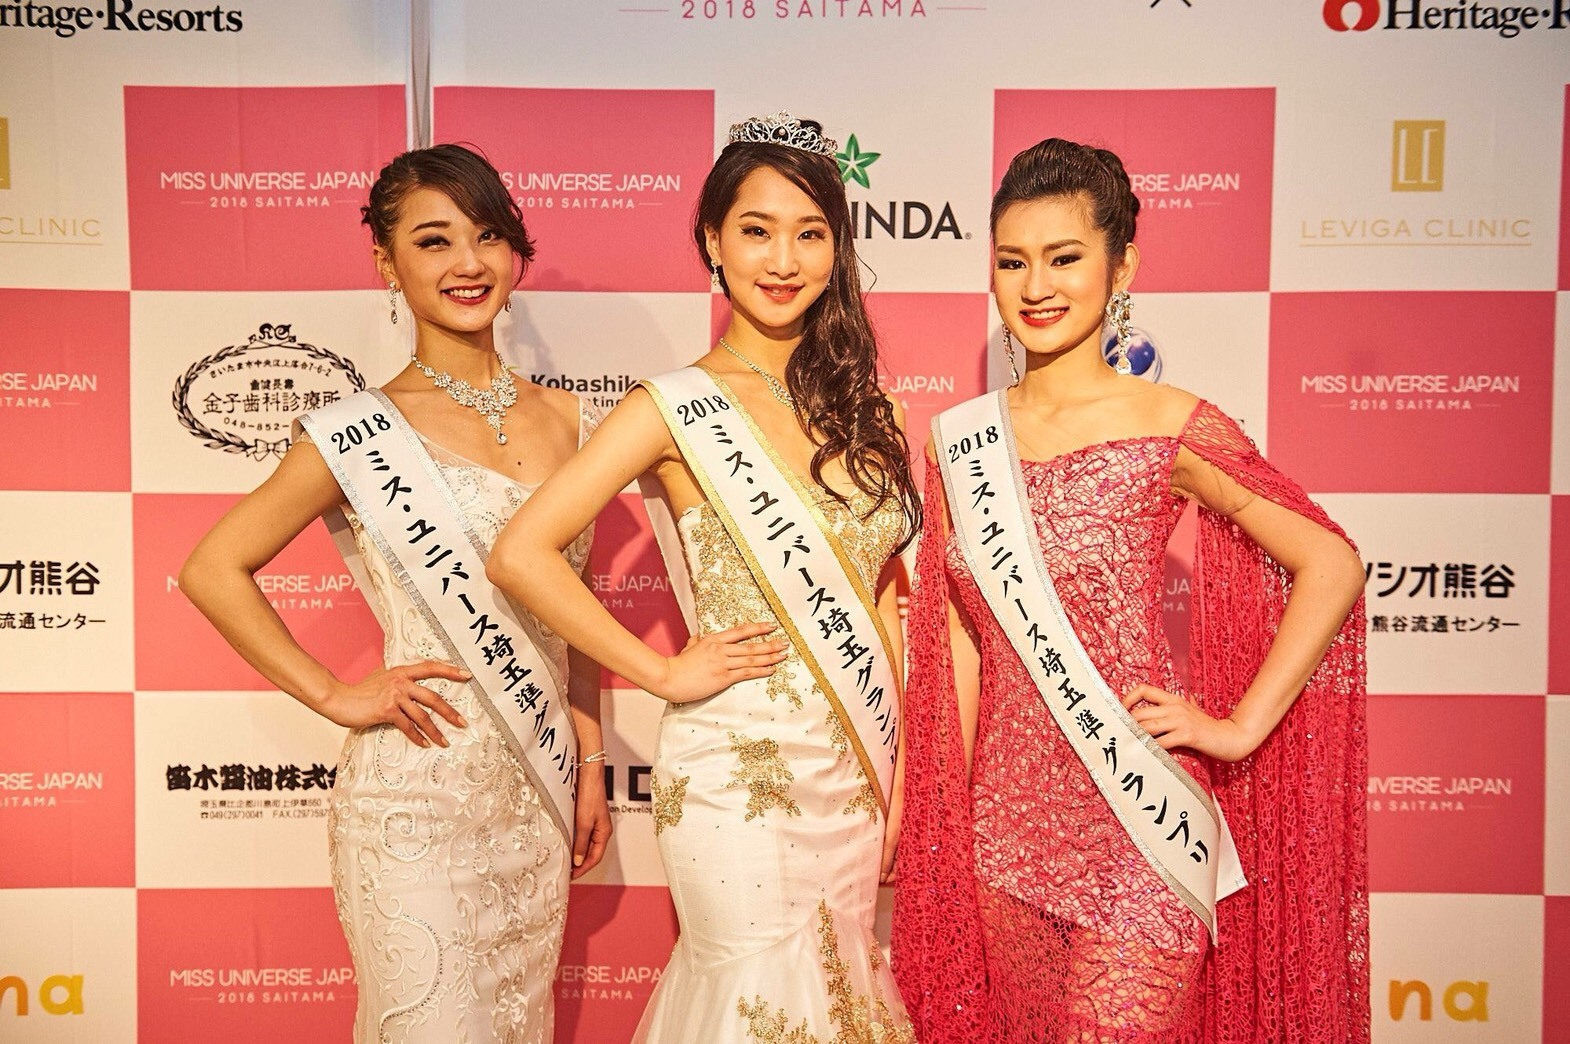 【 第91回❤︎ 】2018 Miss Universe Japan Saitama _1_5